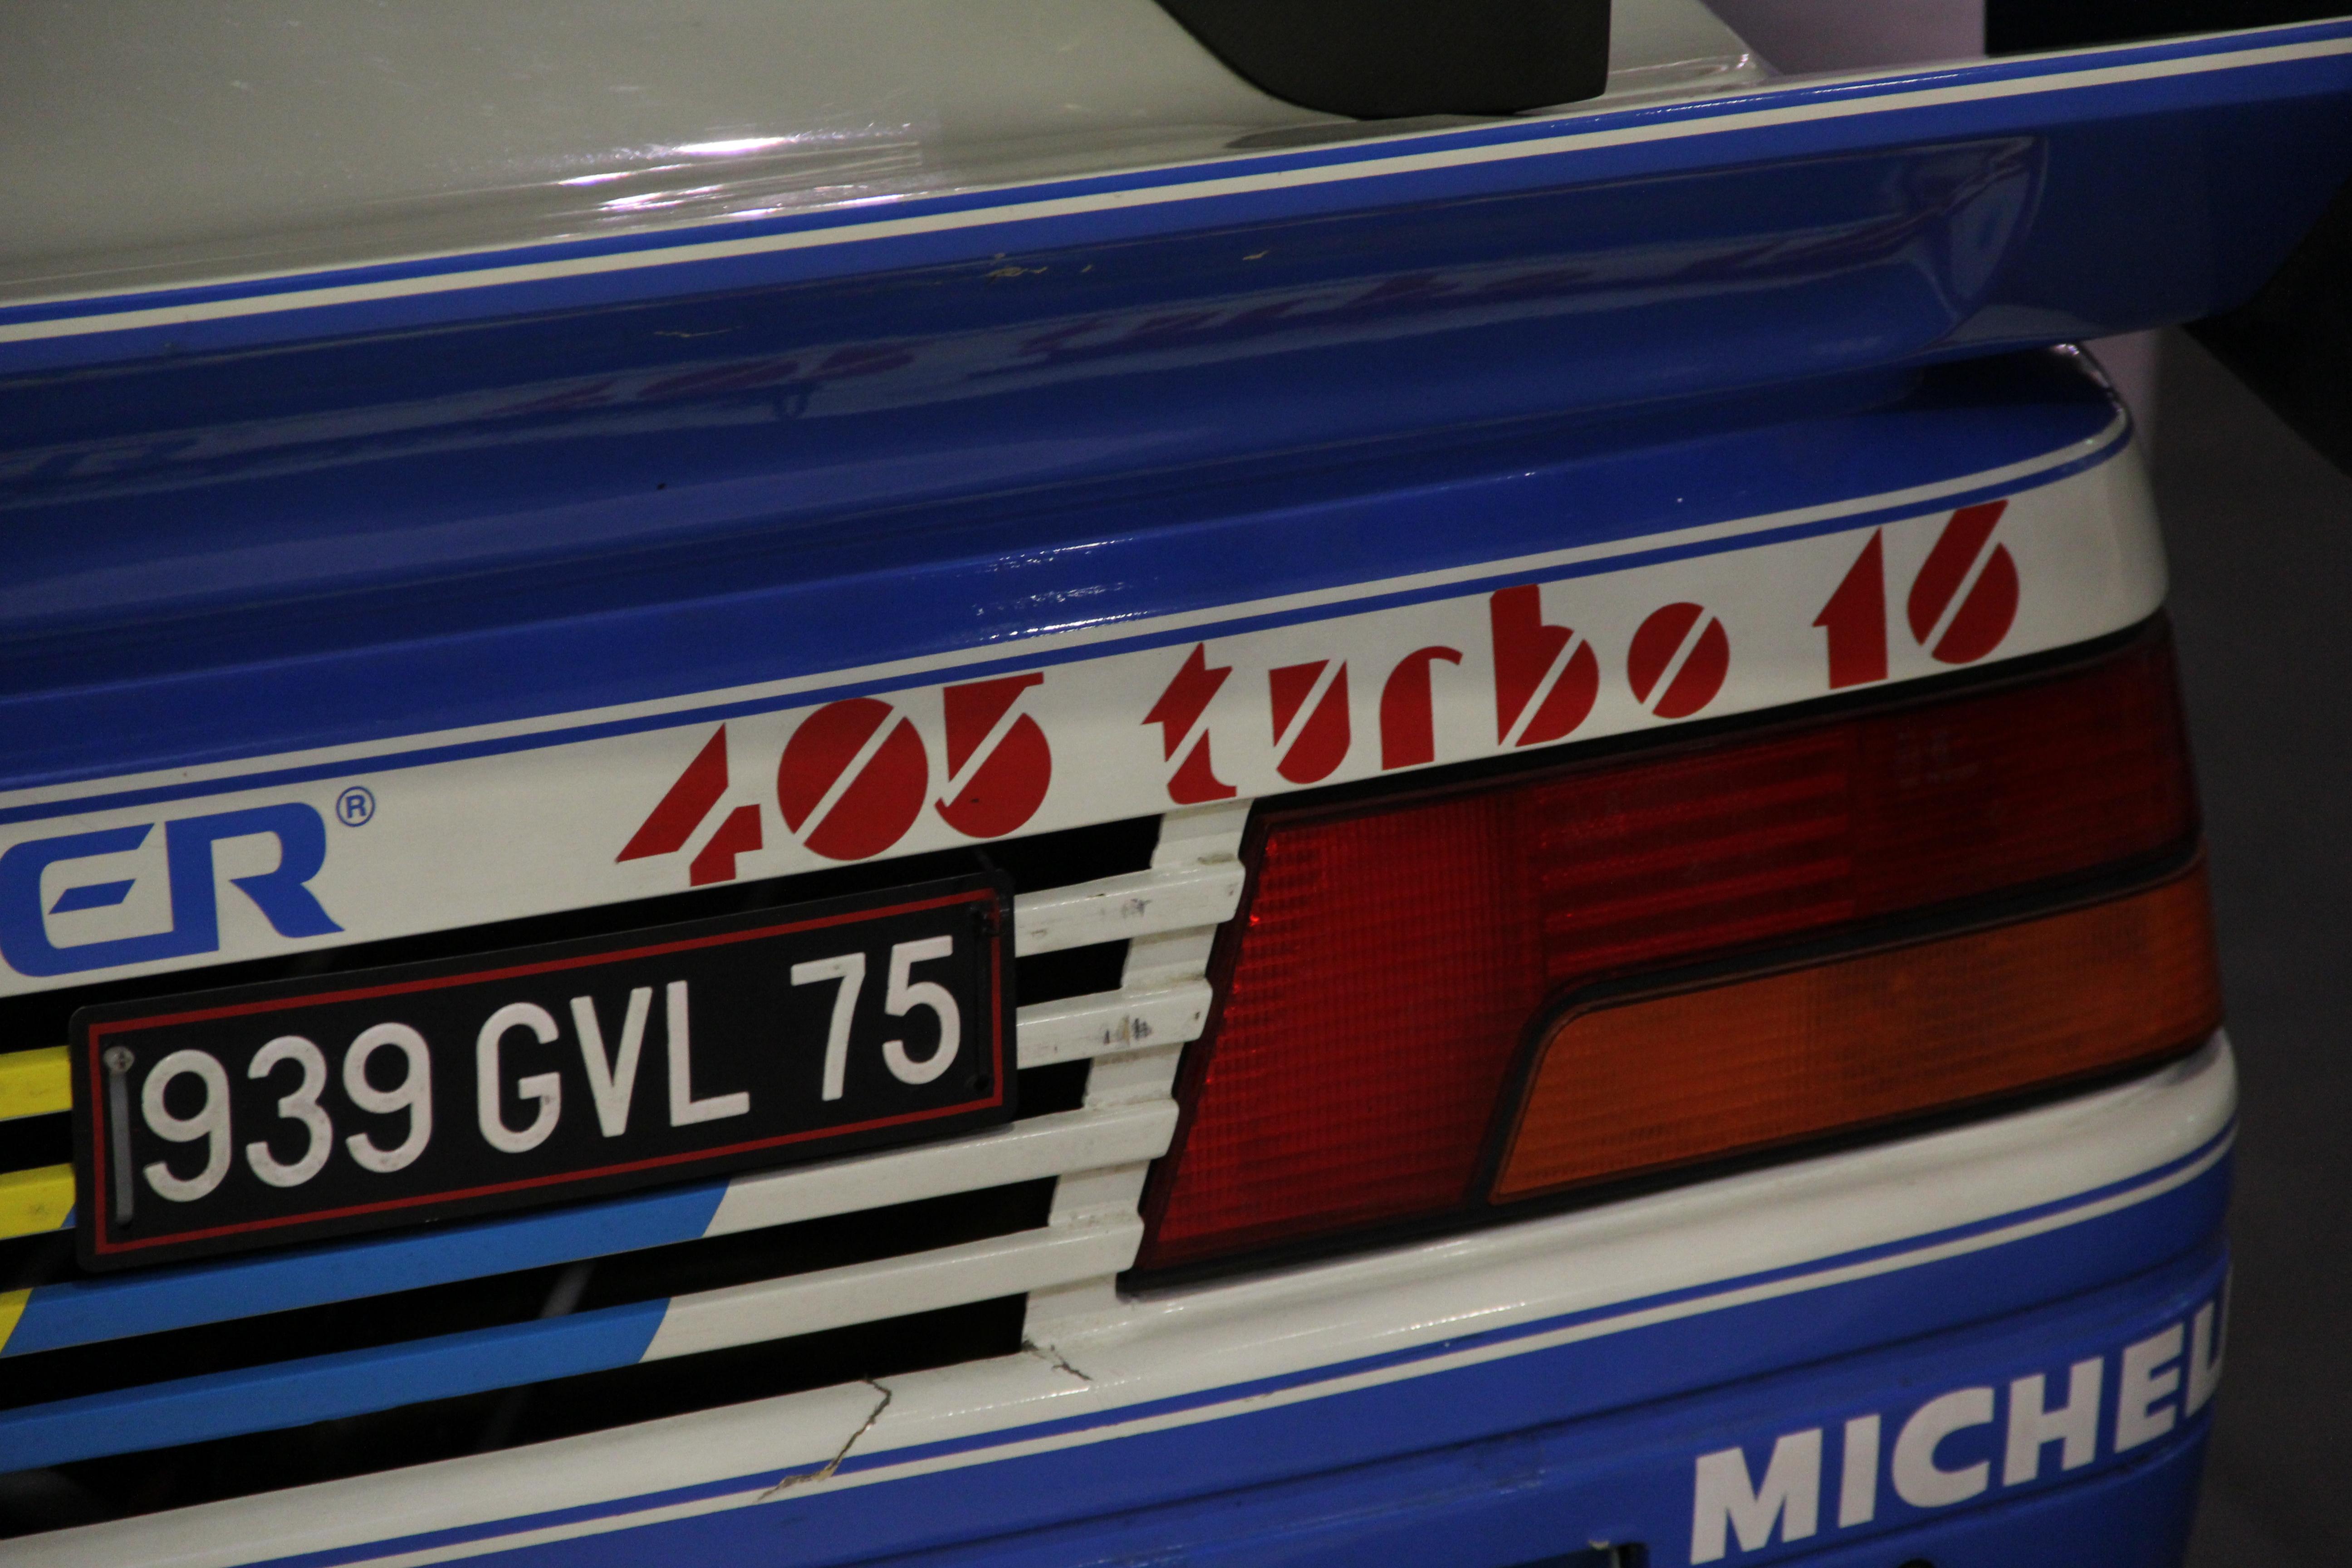 405 Turbo 16 Pike Peak